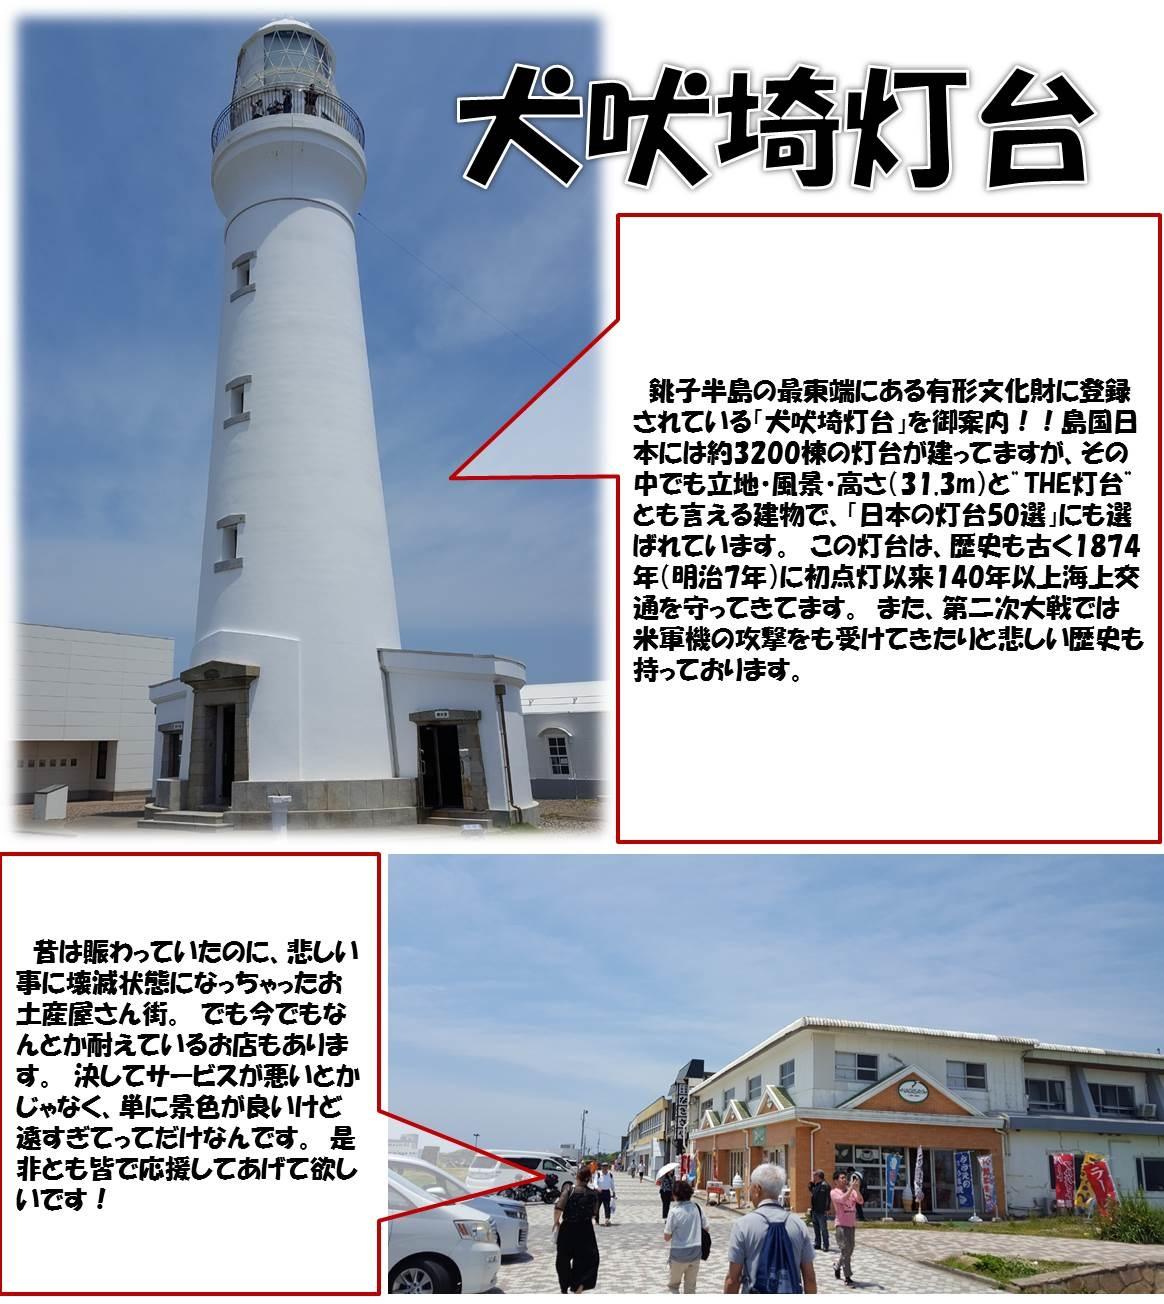 """犬吠埼灯台 銚子半島の最東端にある有形文化財に登録されている「犬吠埼灯台」を御案内!!島国日本には約3200棟  の灯台が建ってますが、その中でも立地・風景・高さ(31.3m)と""""THE灯台""""とも言える建物で、「日本の灯台50選」  にも選ばれています。 この灯台は、歴史も古く1874年(明治7年)に初点灯以来140年以上海上交通を守ってきてます  。 また、第二次大戦では米軍機の攻撃をも受けてきたりと悲しい歴史も持っております。 昔は賑わっていたのに、  悲しい事に壊滅状態になっちゃったお土産屋さん街。 でも今でもなんとか耐えているお店もあります。 決してサー  ビスが悪いとかじゃなく、単に景色が良いけど遠すぎてってだけなんです。 是非とも皆で応援してあげて欲しいです!"""